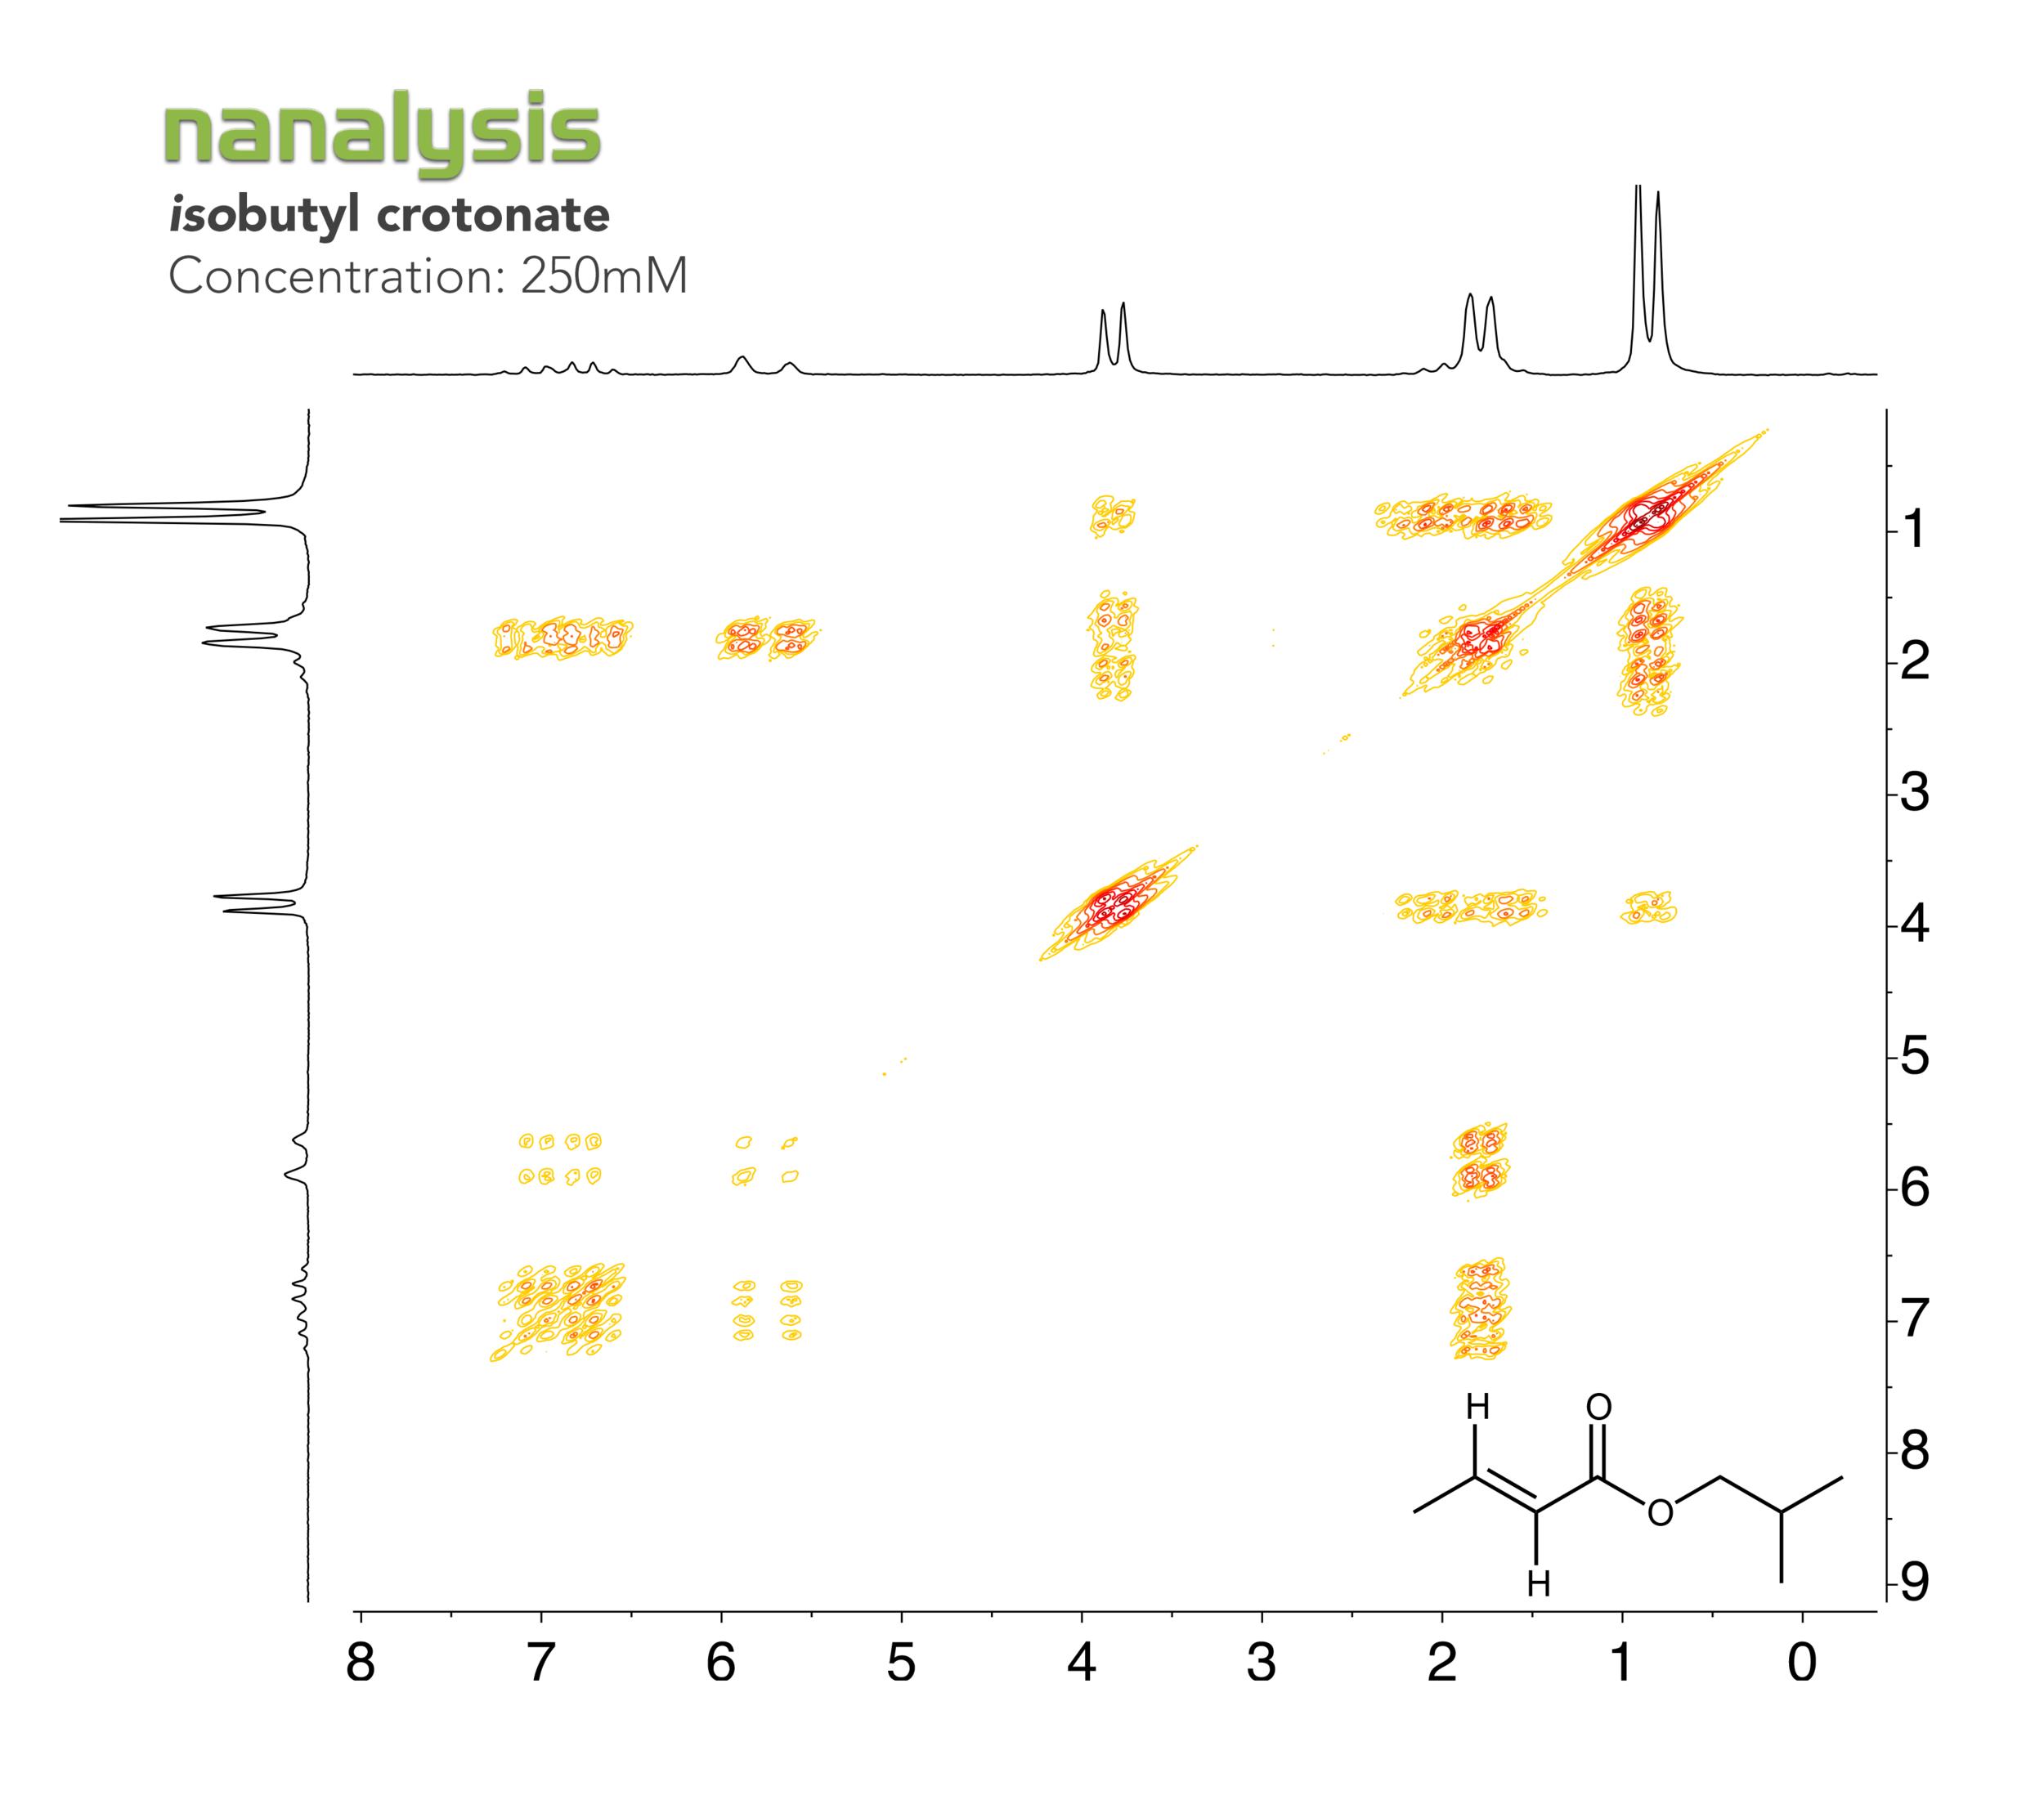 benchtopNMR-isobutylcrotonate-cosy.png